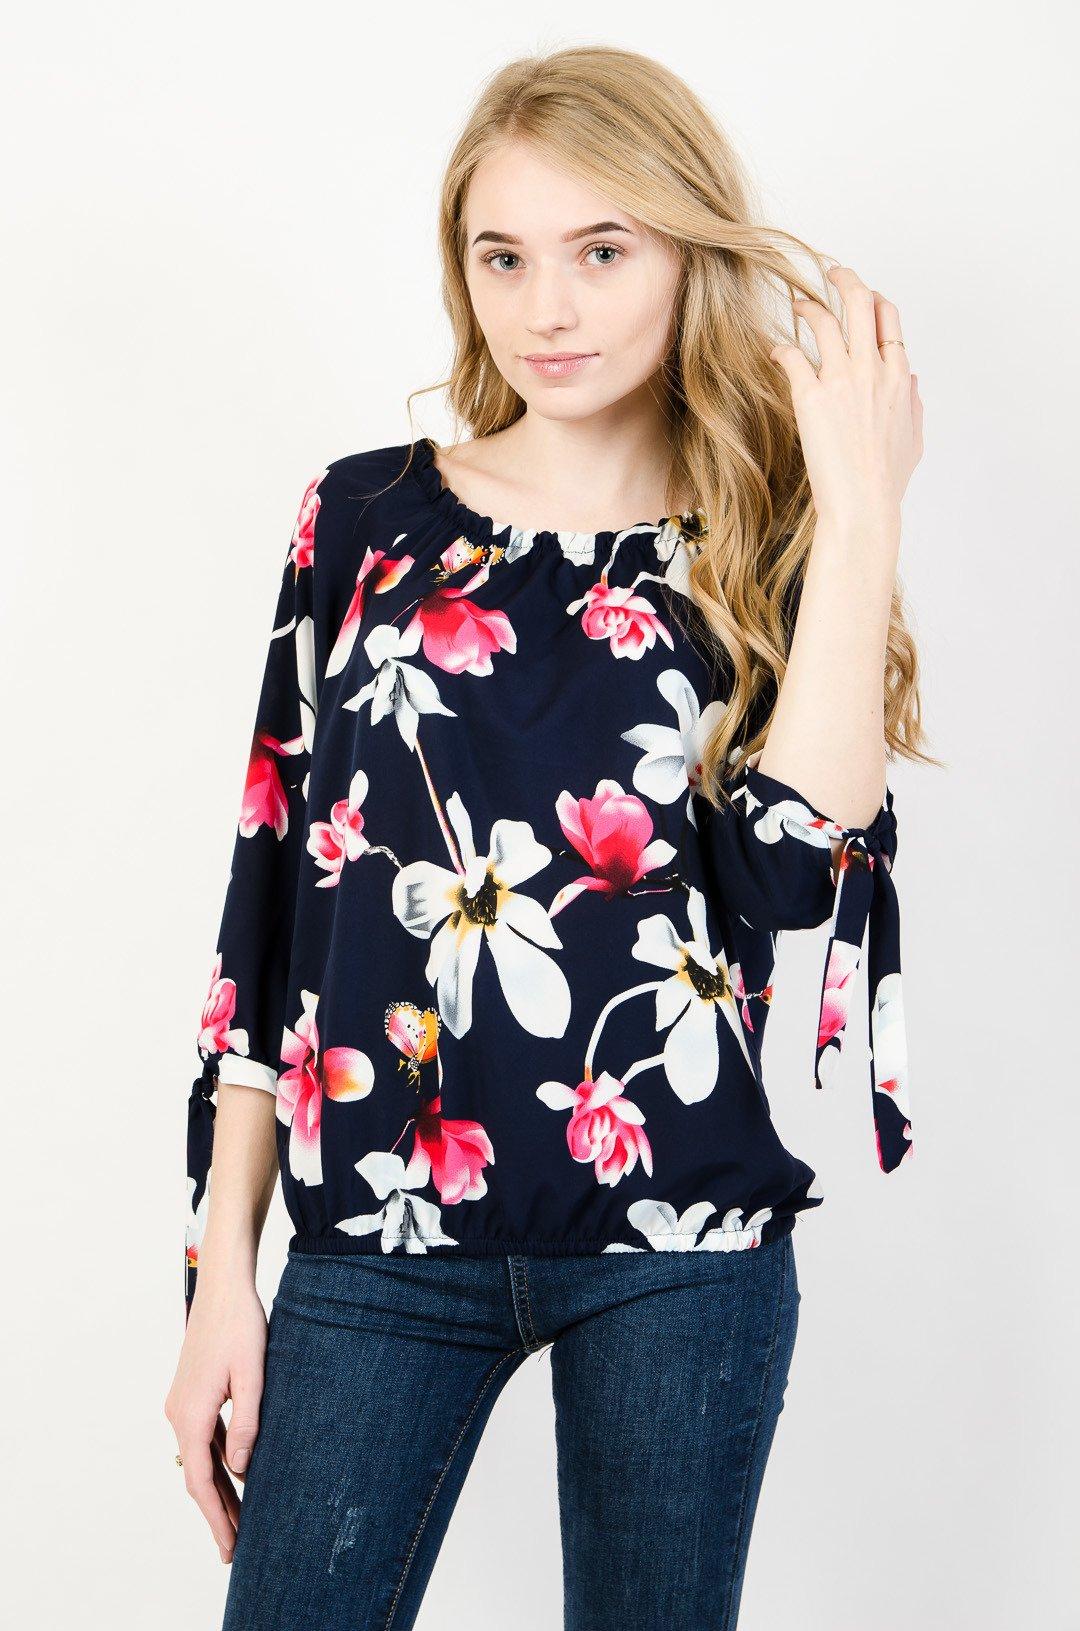 b4d2caa80fd317 Granatowa bluzka w biało różowe kwiaty | NOWOŚCI KOLEKCJA \ Bluzki ...